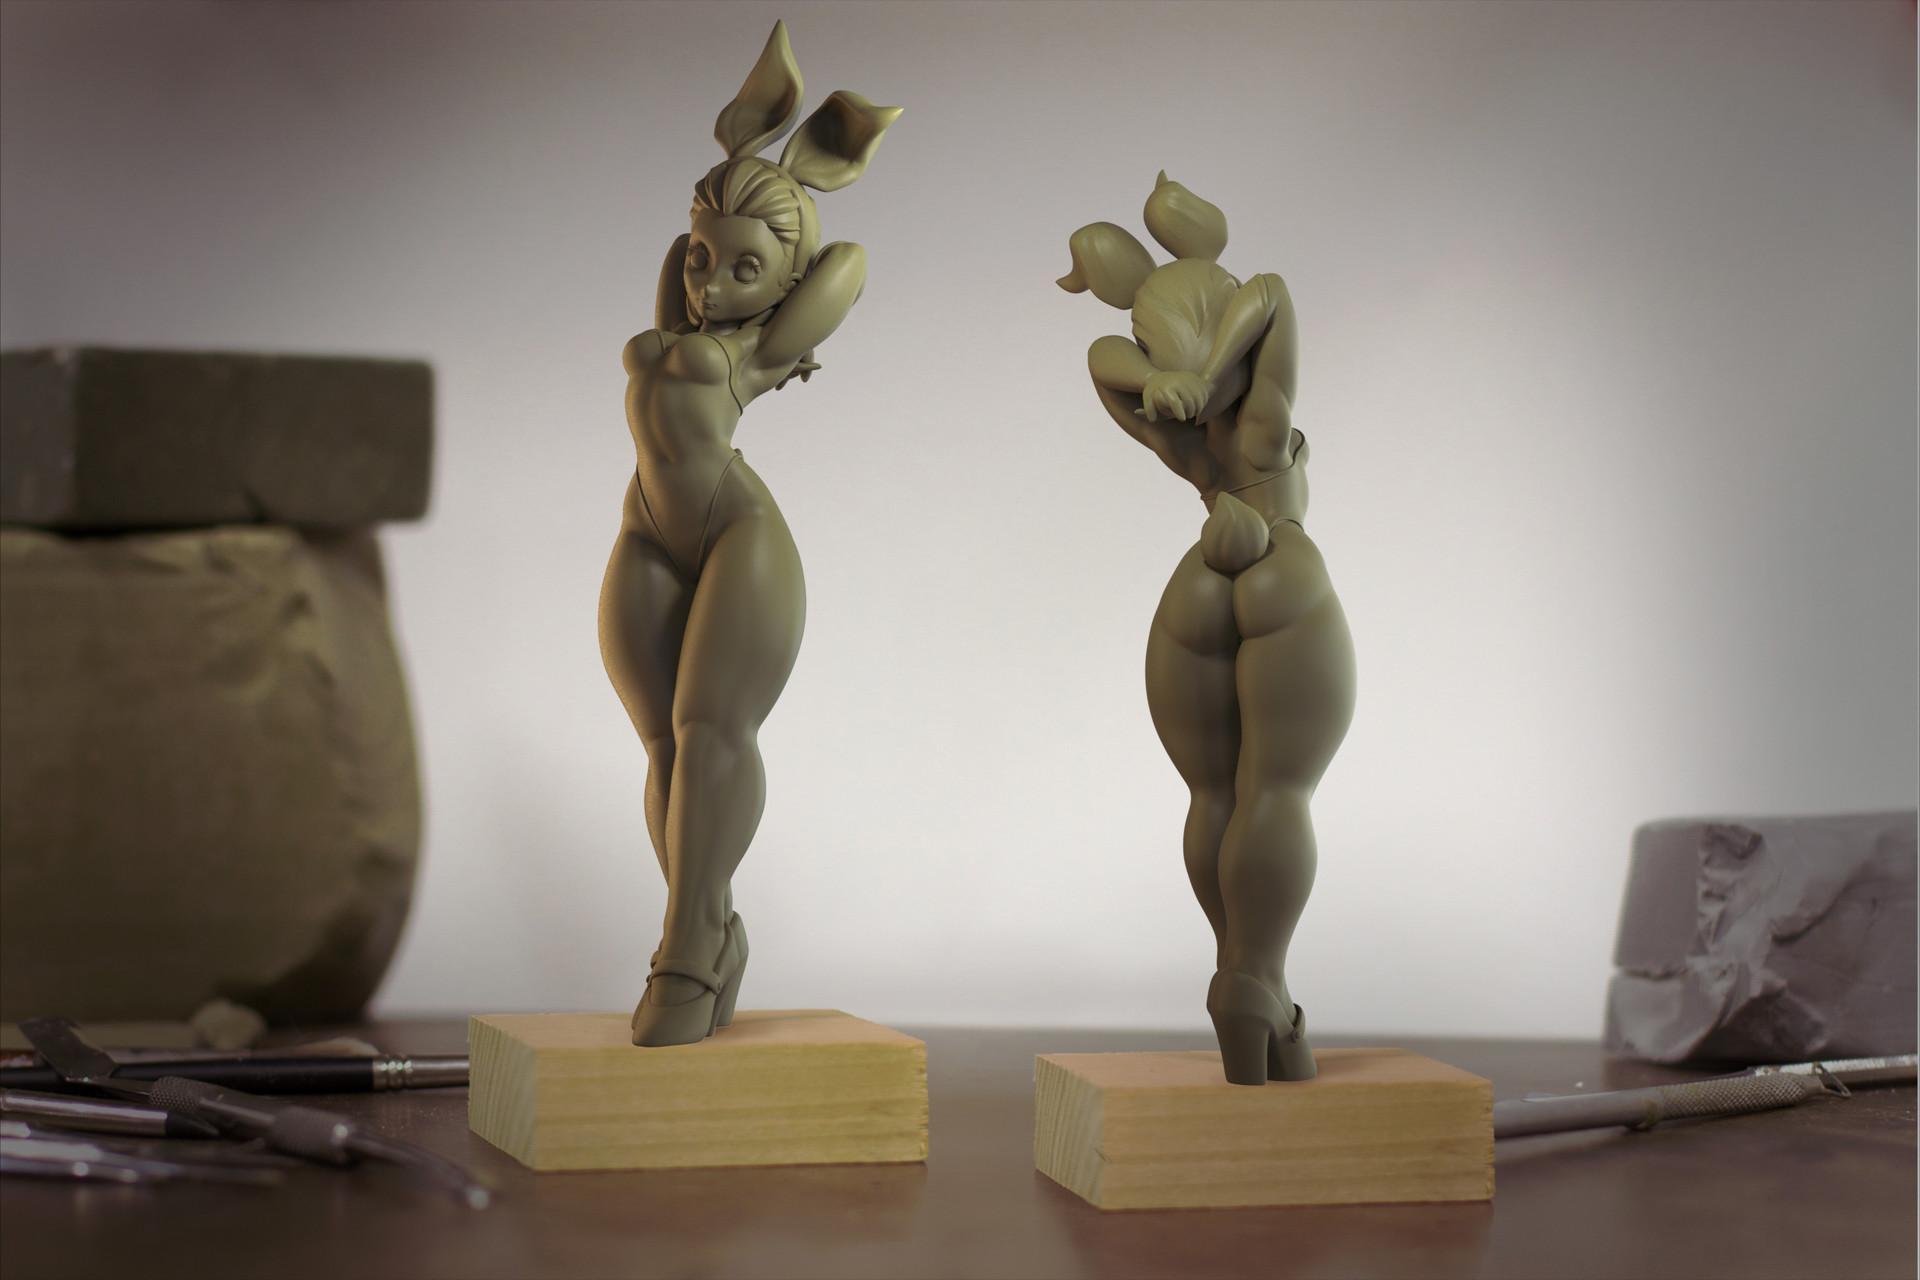 Leslie van den broeck nurzhanbunnygirl clay